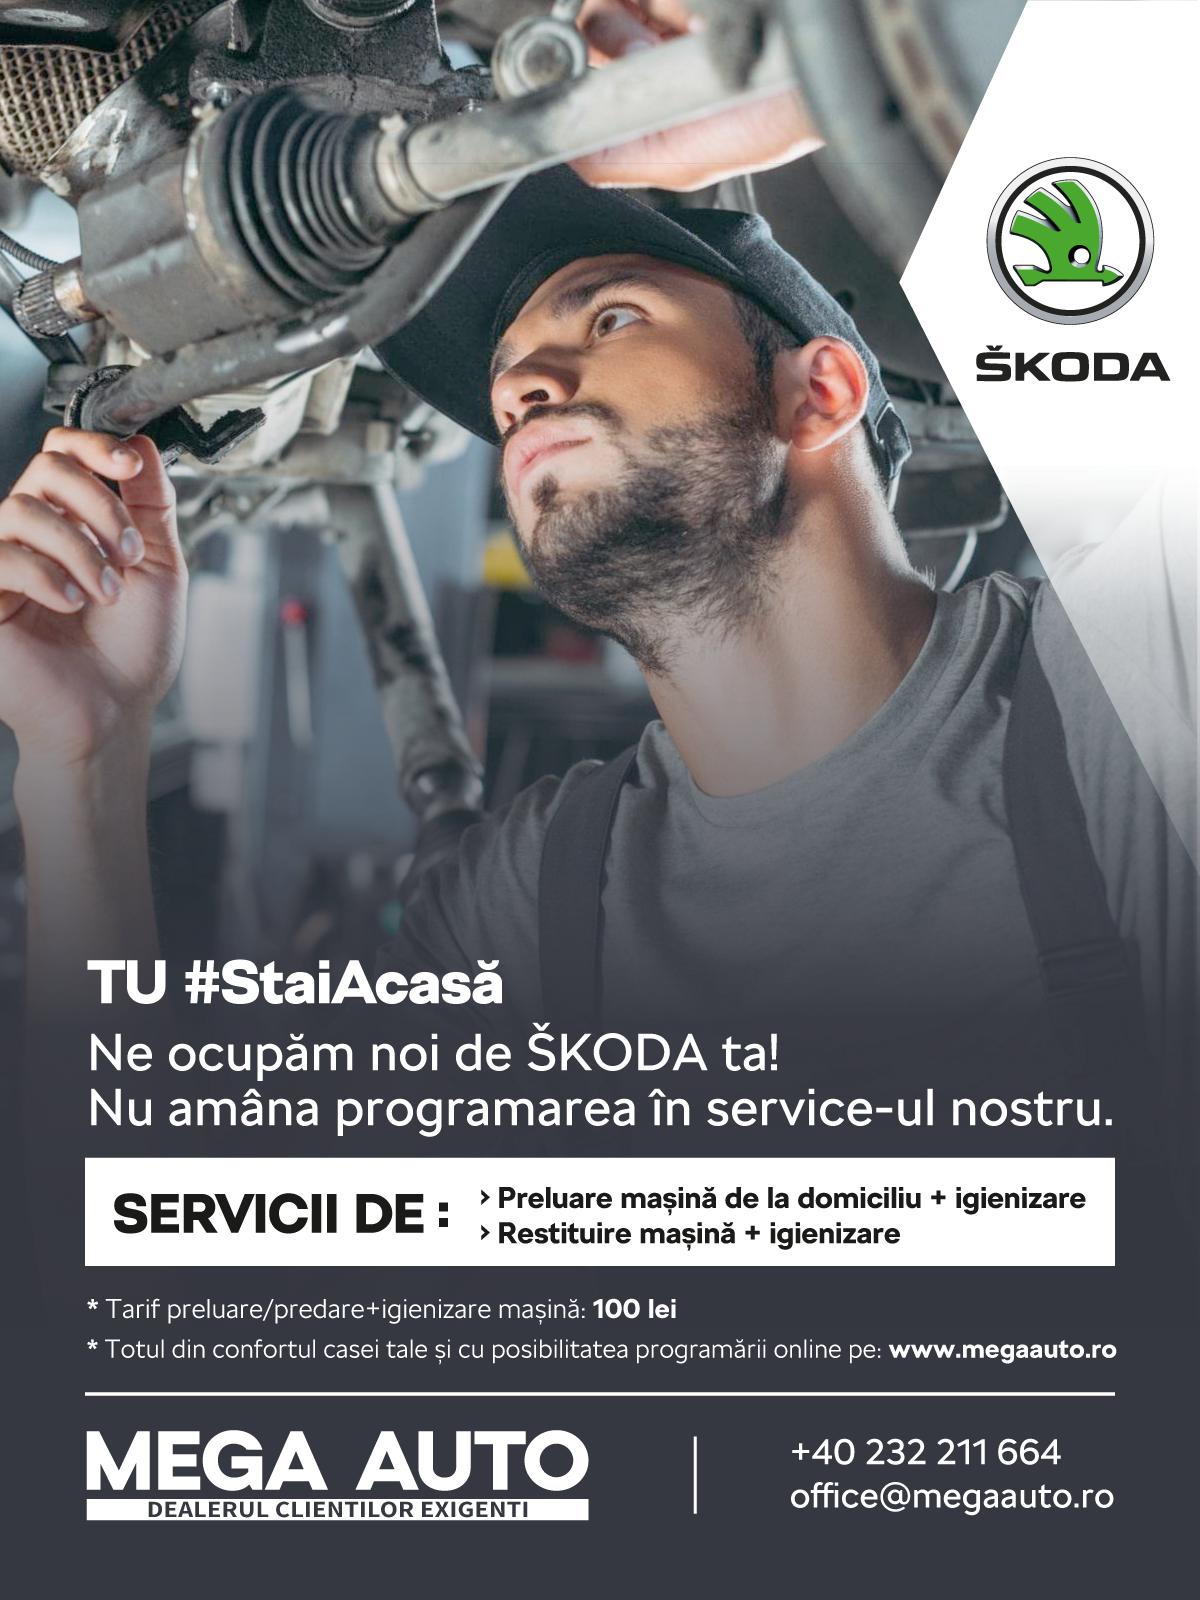 Mega Auto, dealerul ŠKODA în Iași, pune la dispoziție serviciul de preluare mașină de la domiciliu pentru operațiunile de service